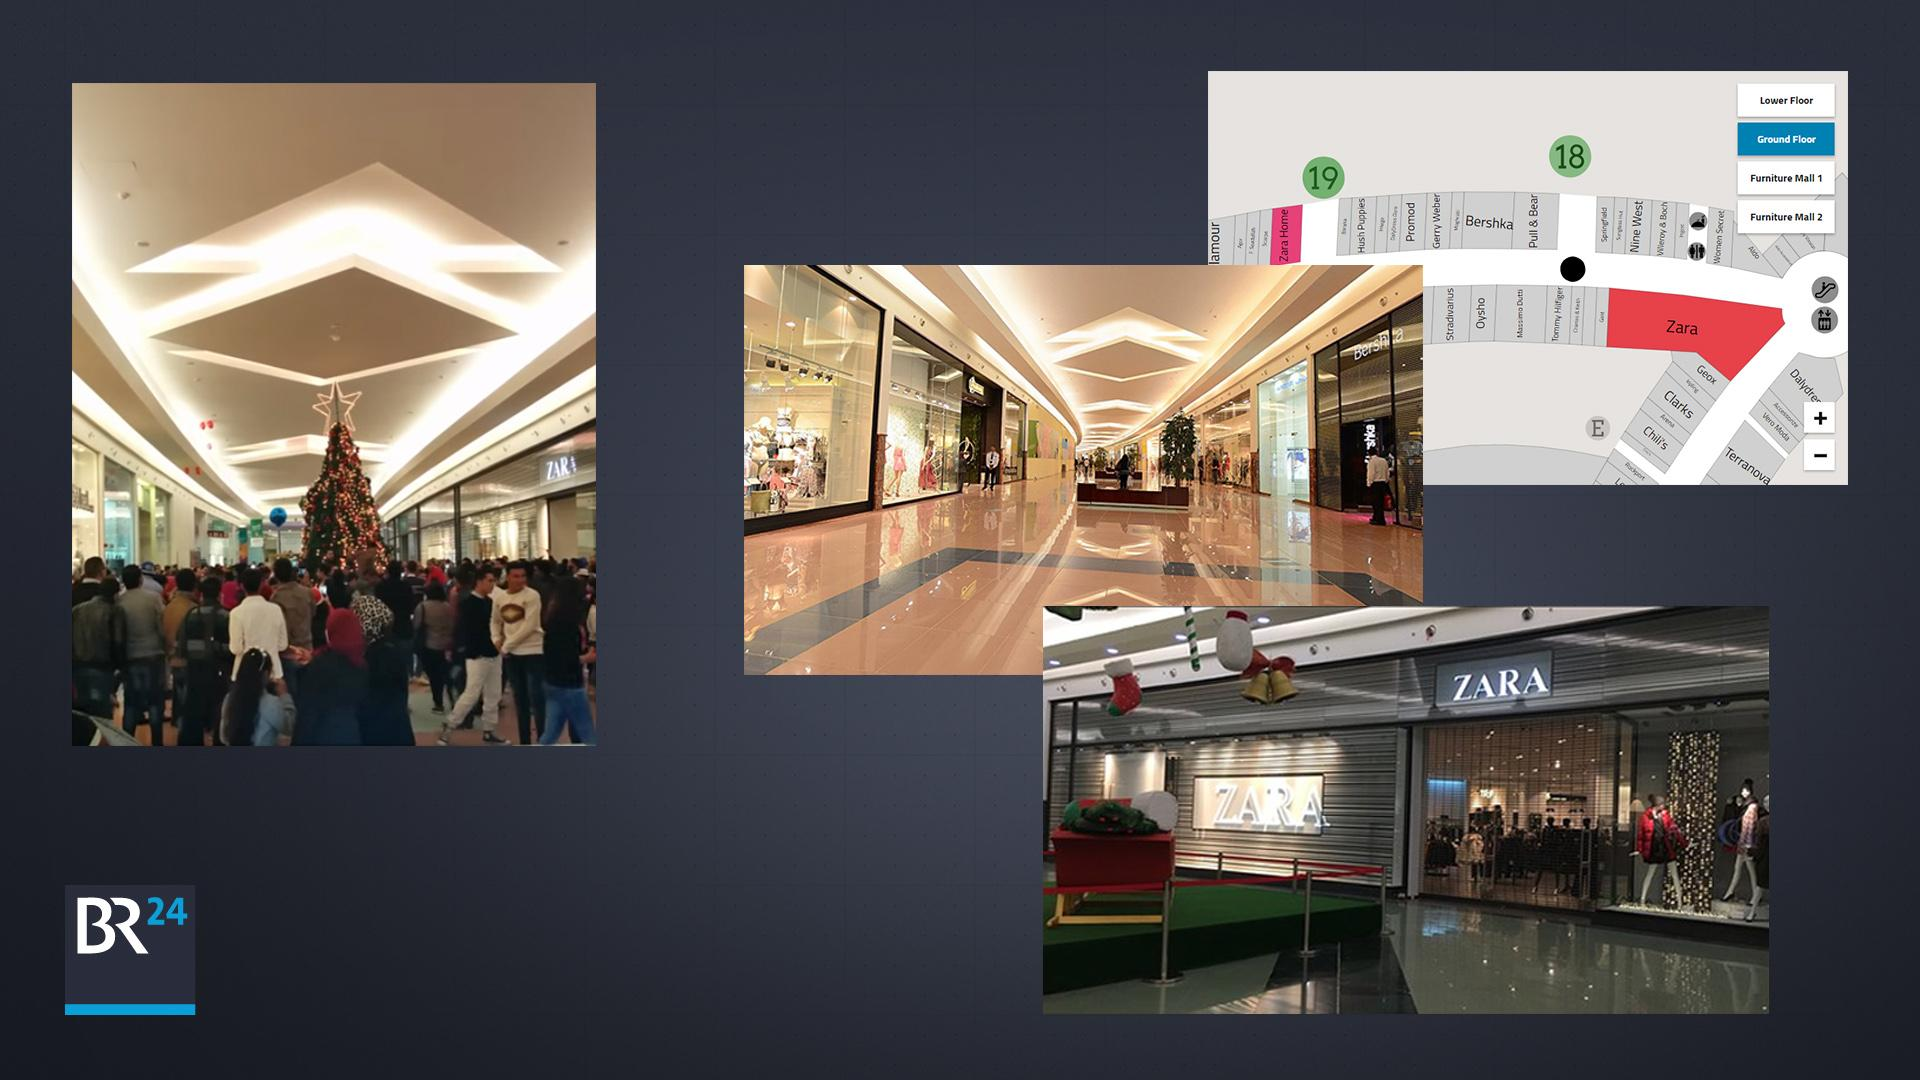 """Links ein Ausschnitt aus dem Originalvideo, rechts der Abgleich mit Aufnahmen von Google-Nutzern und der Karte der Läden in der """"Mall of Arabia""""."""